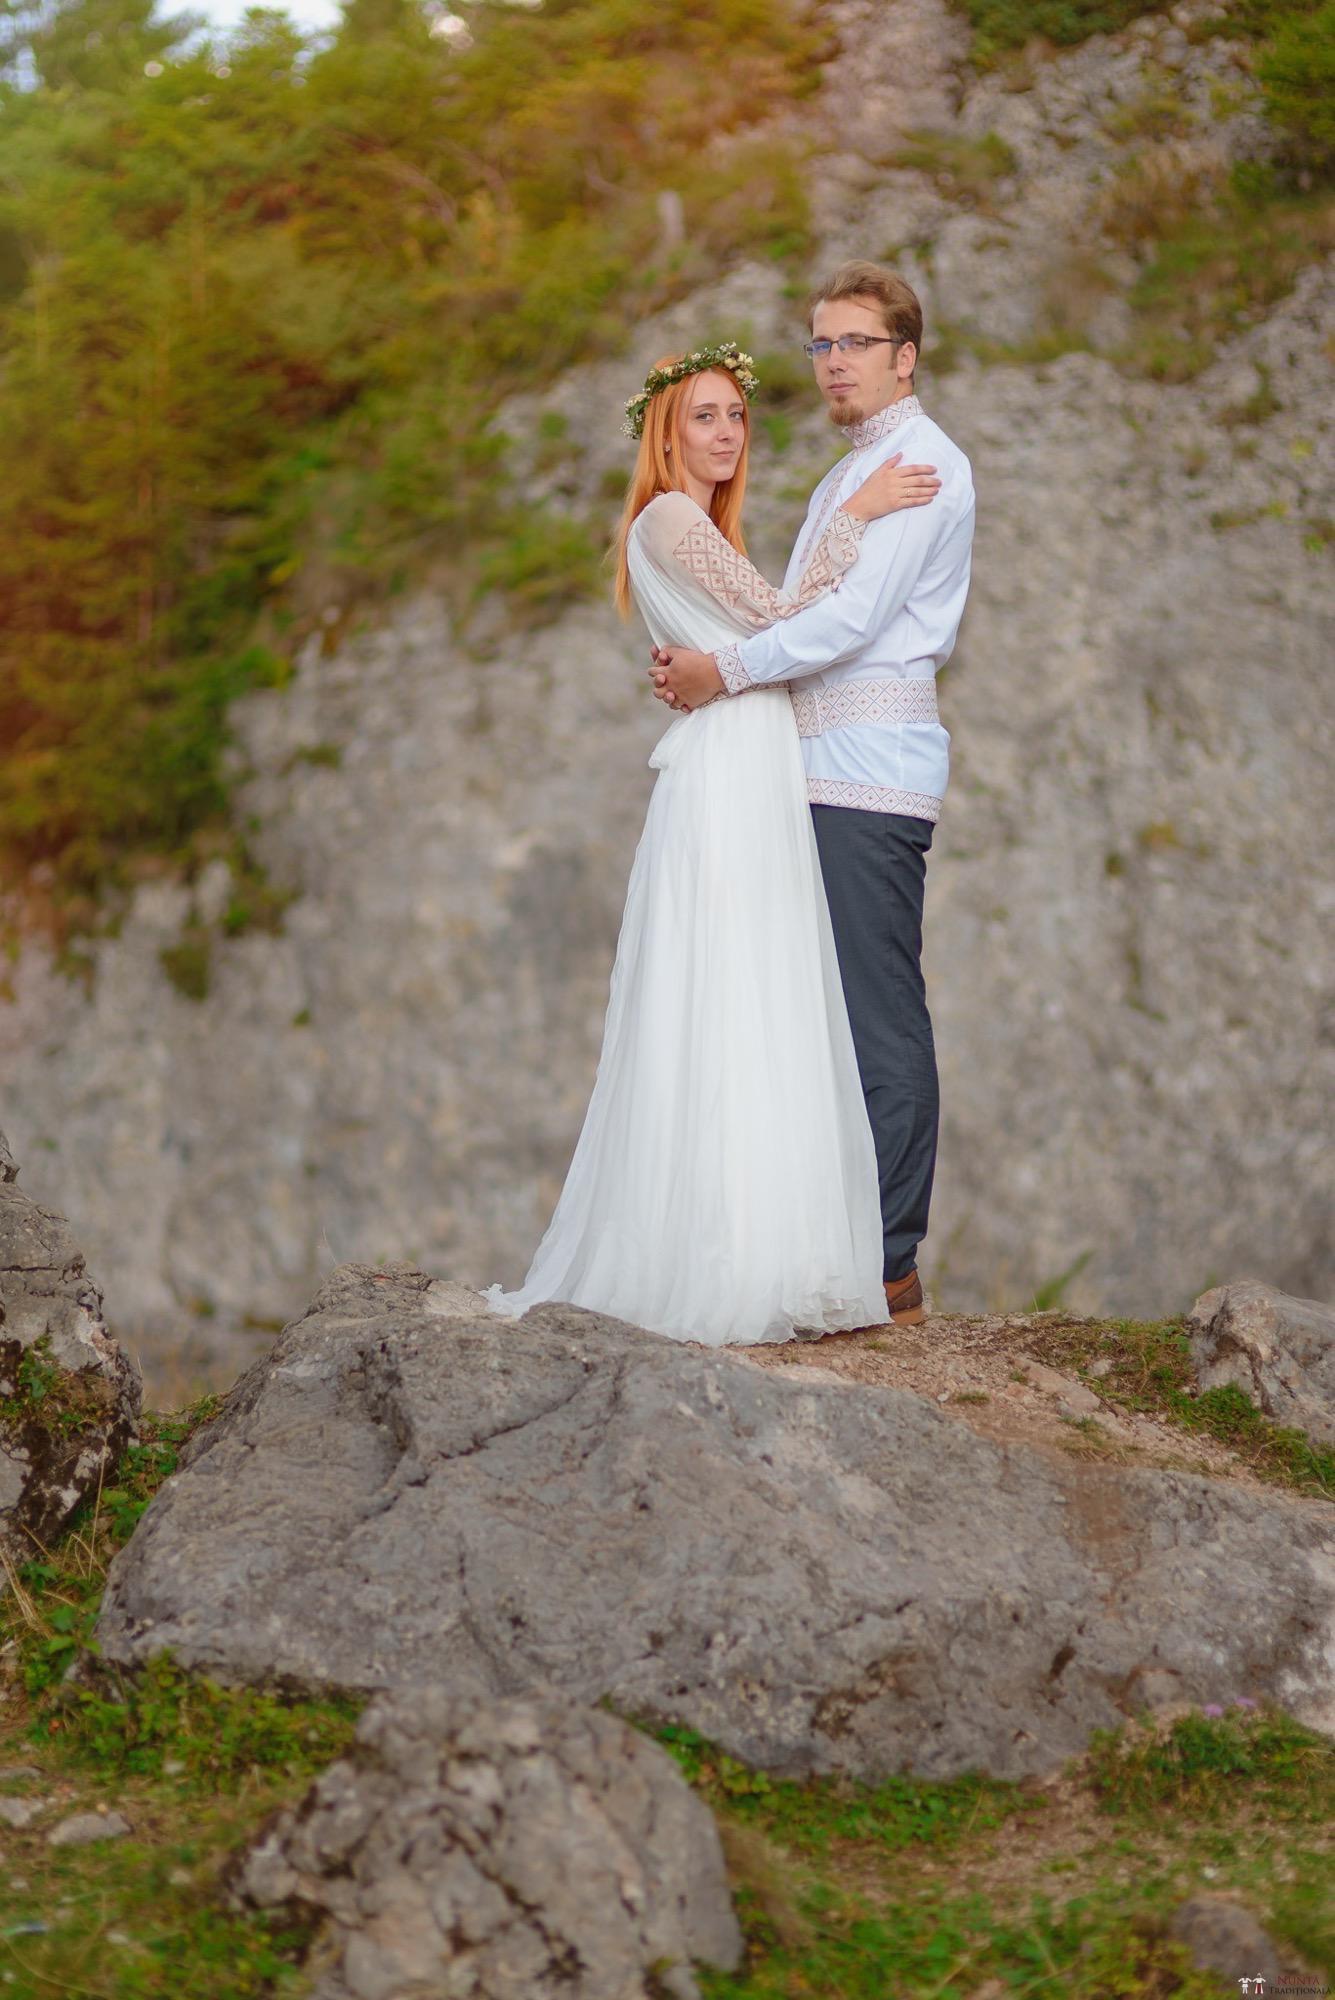 Povești Nunți Tradiționale - Aurelian și Sonia. Nuntă tradițională în Câmpulung Moldovenesc 21